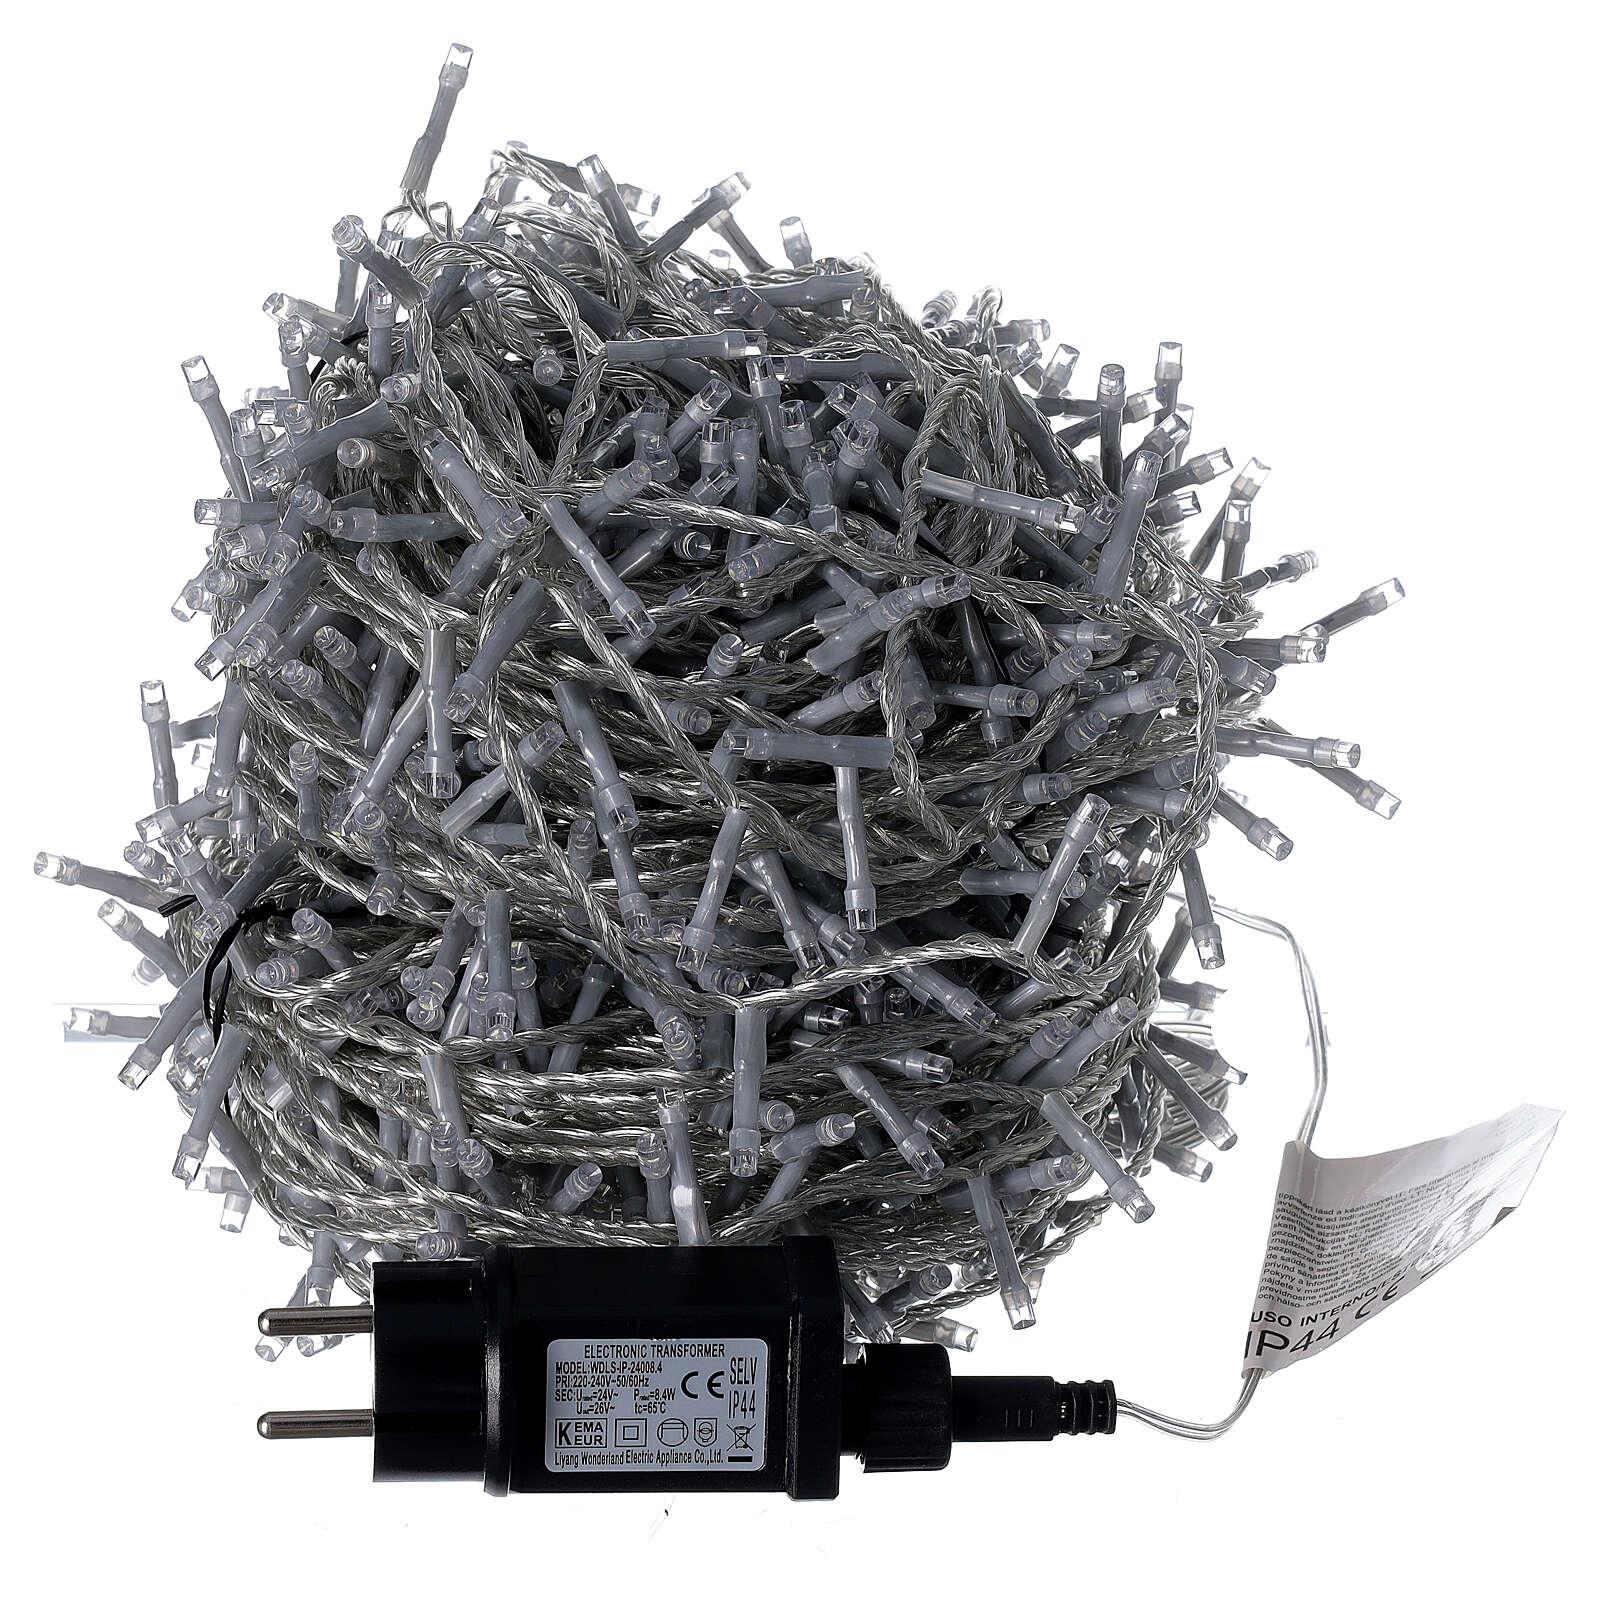 Guirlande lumières Noël 1000 LED blanc froid câble transparent int/ext 3